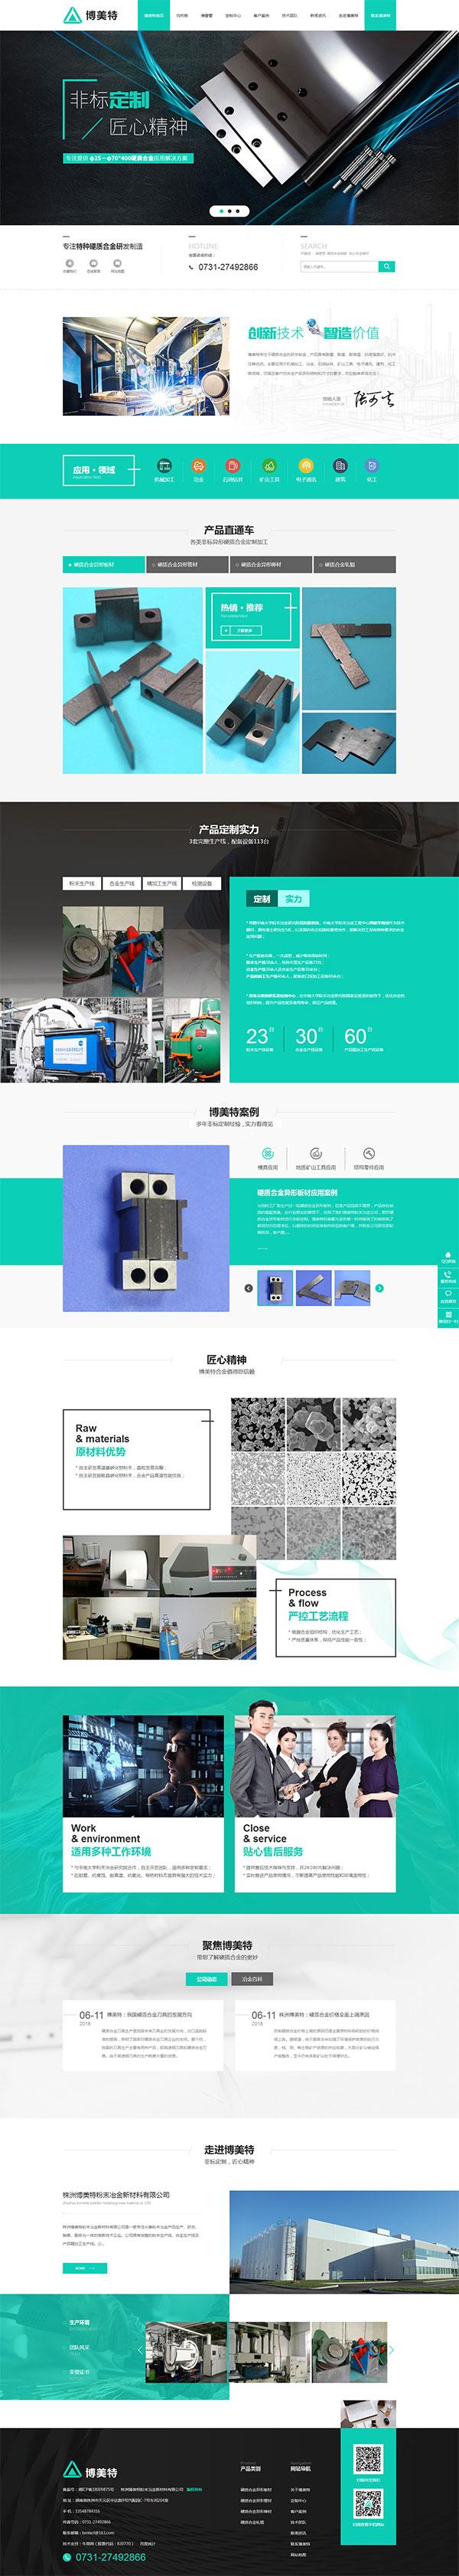 博美特硬质合金-龙8国际龙88型龙8国际官网首页页面